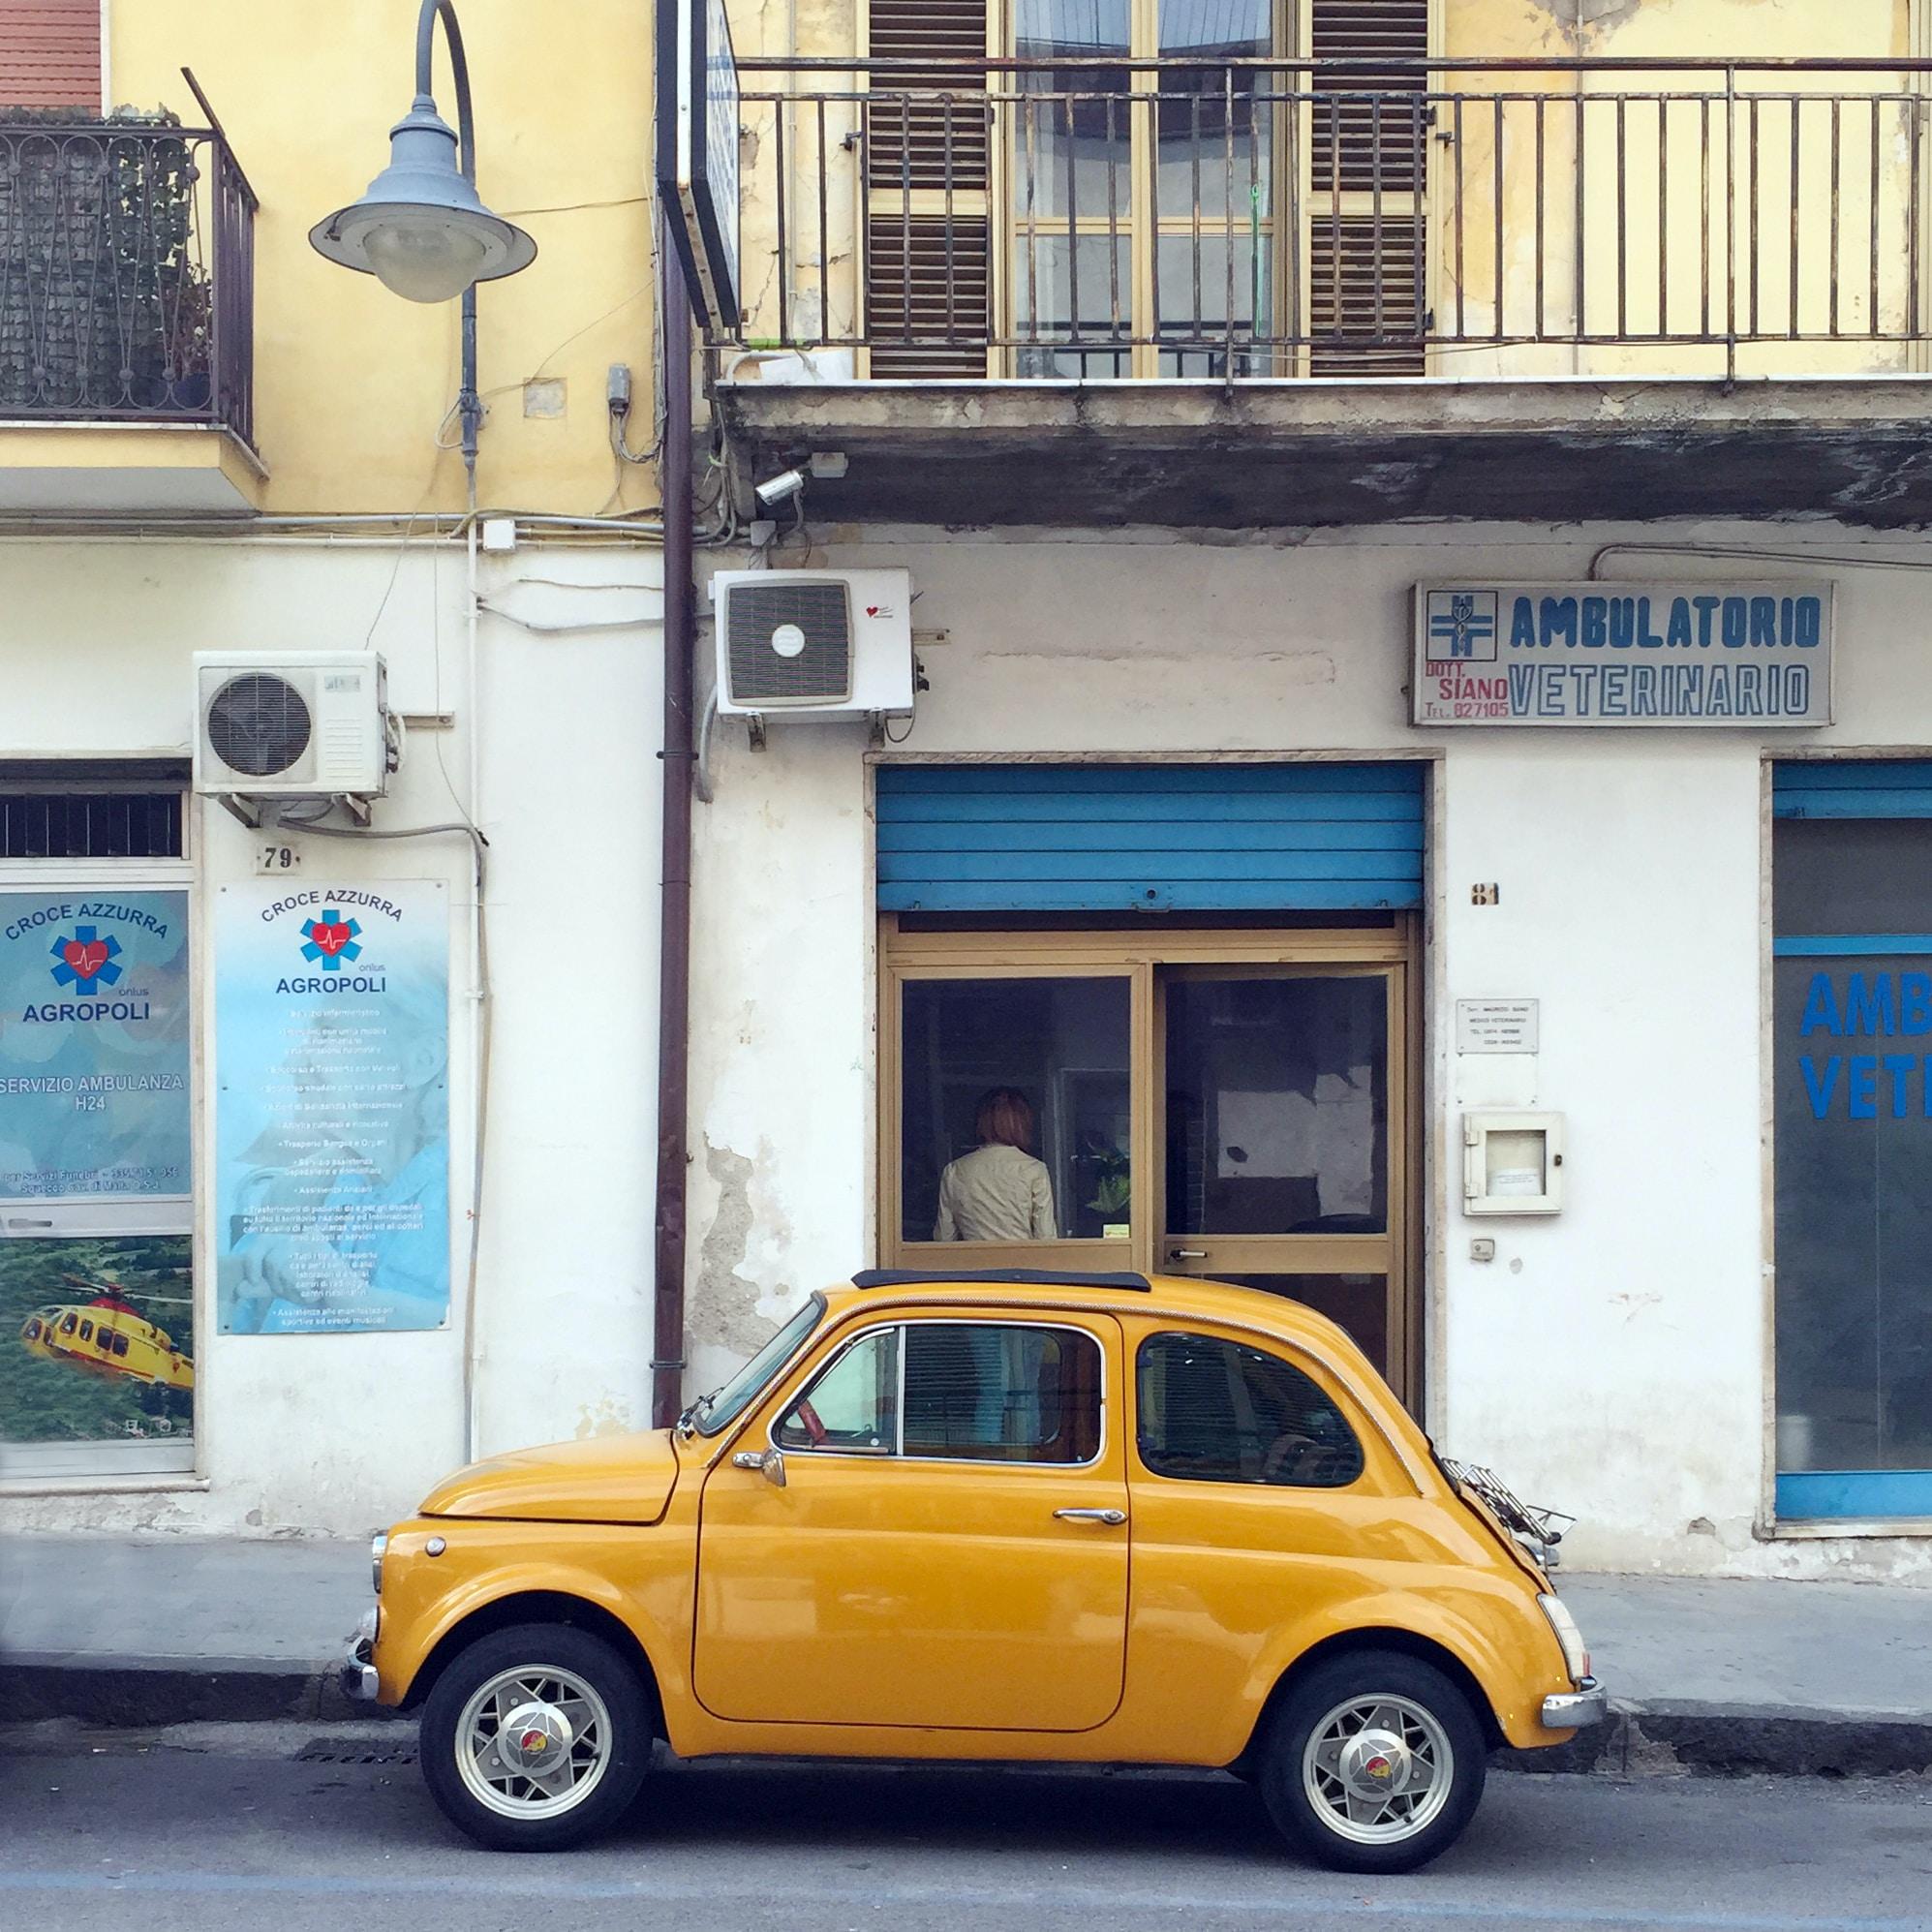 yellow Volkswagen Beetle in front of concrete building